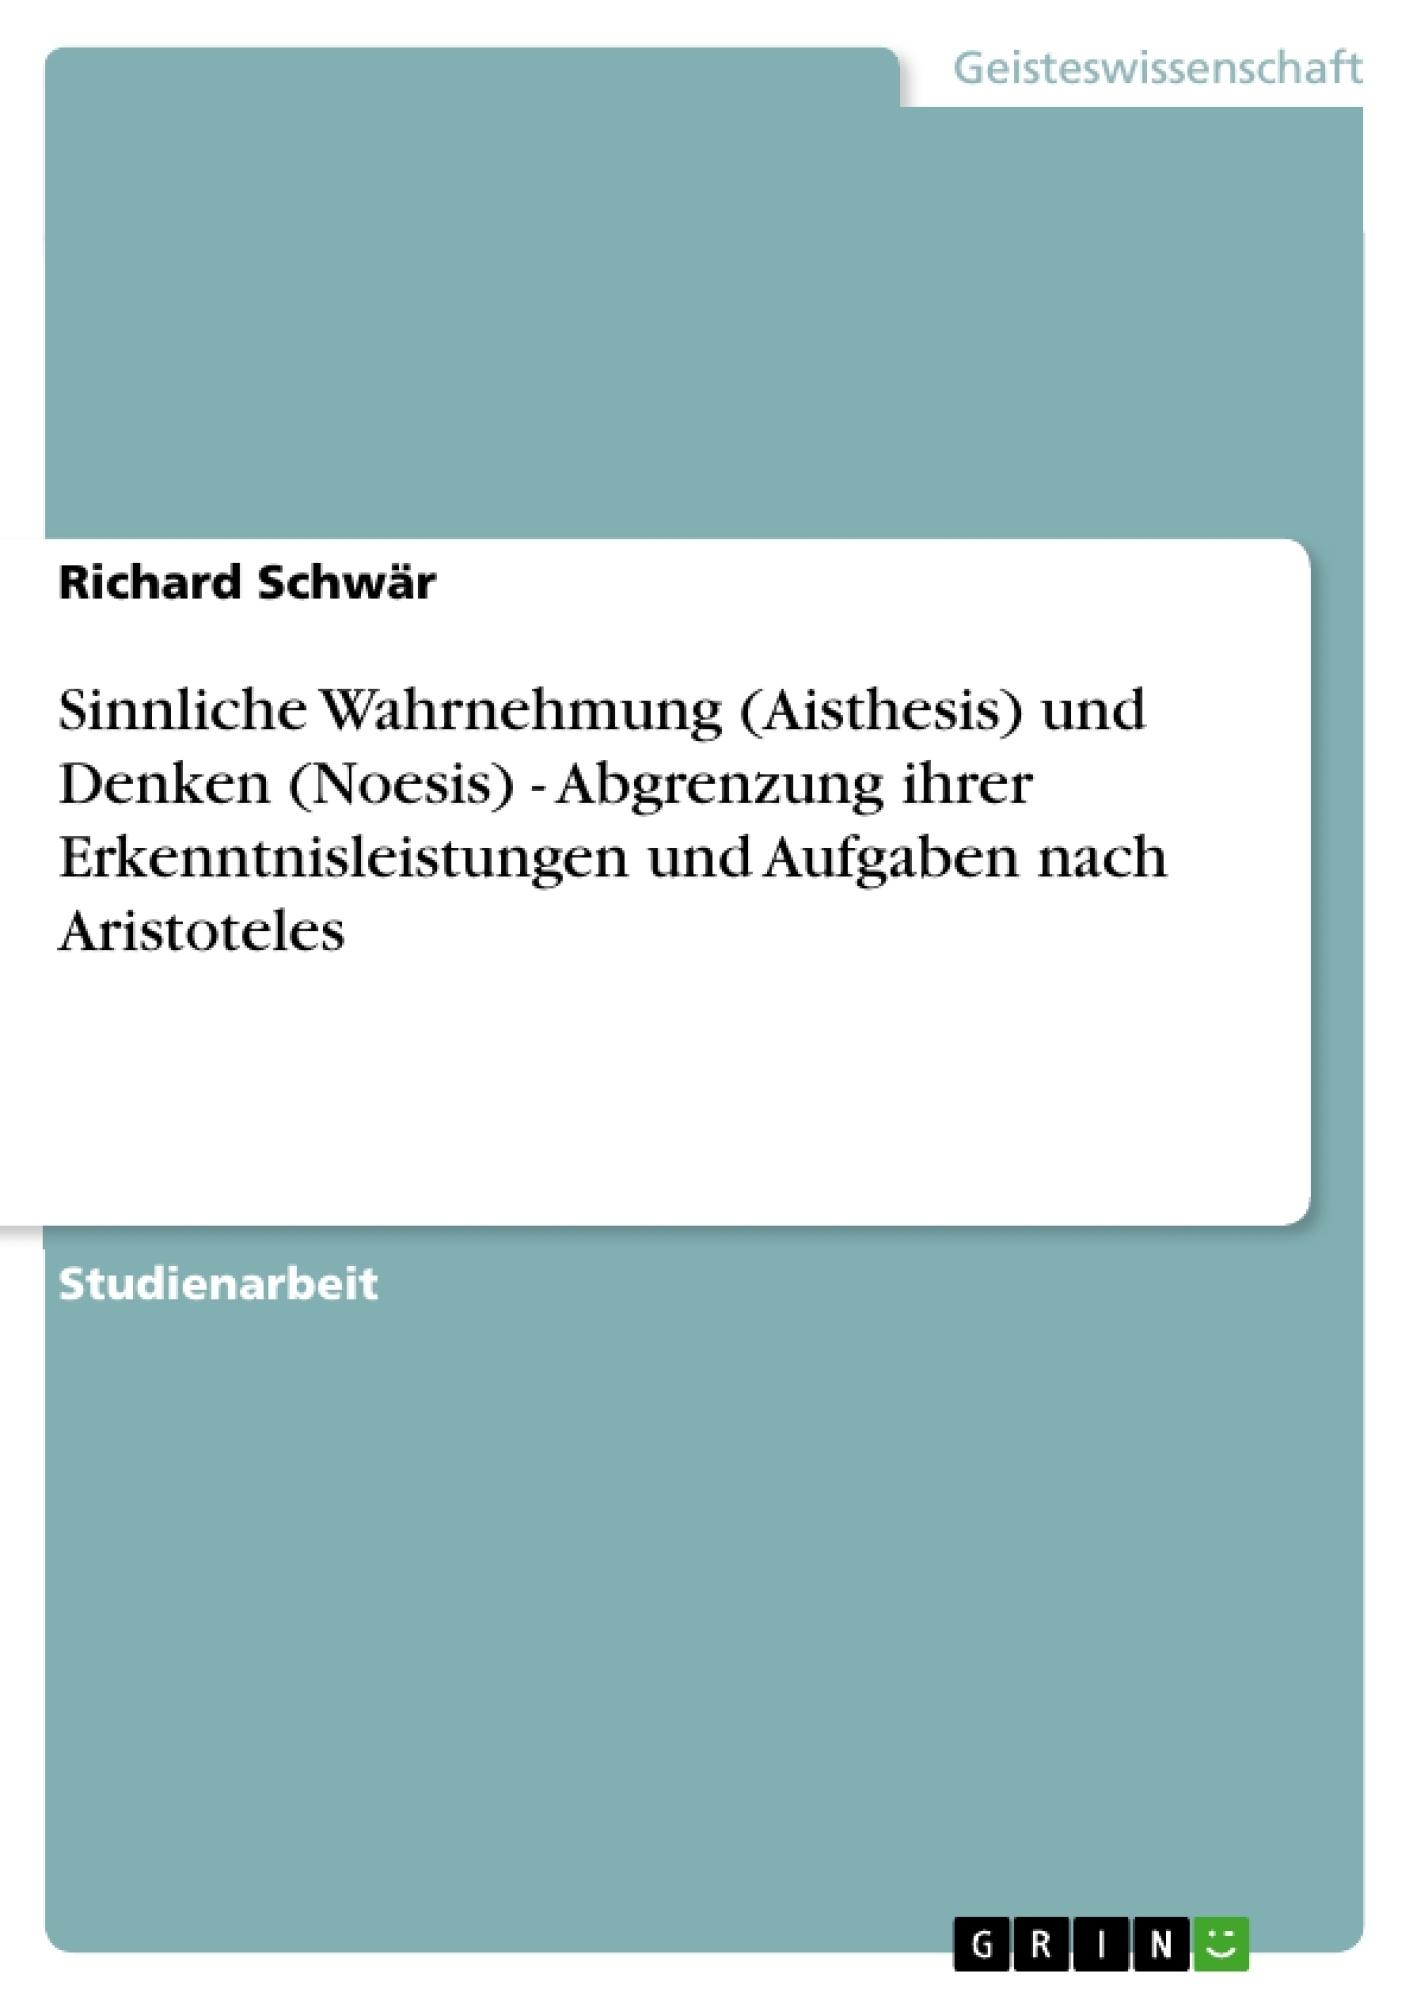 Titel: Sinnliche Wahrnehmung (Aisthesis) und Denken (Noesis) - Abgrenzung ihrer Erkenntnisleistungen und Aufgaben nach Aristoteles